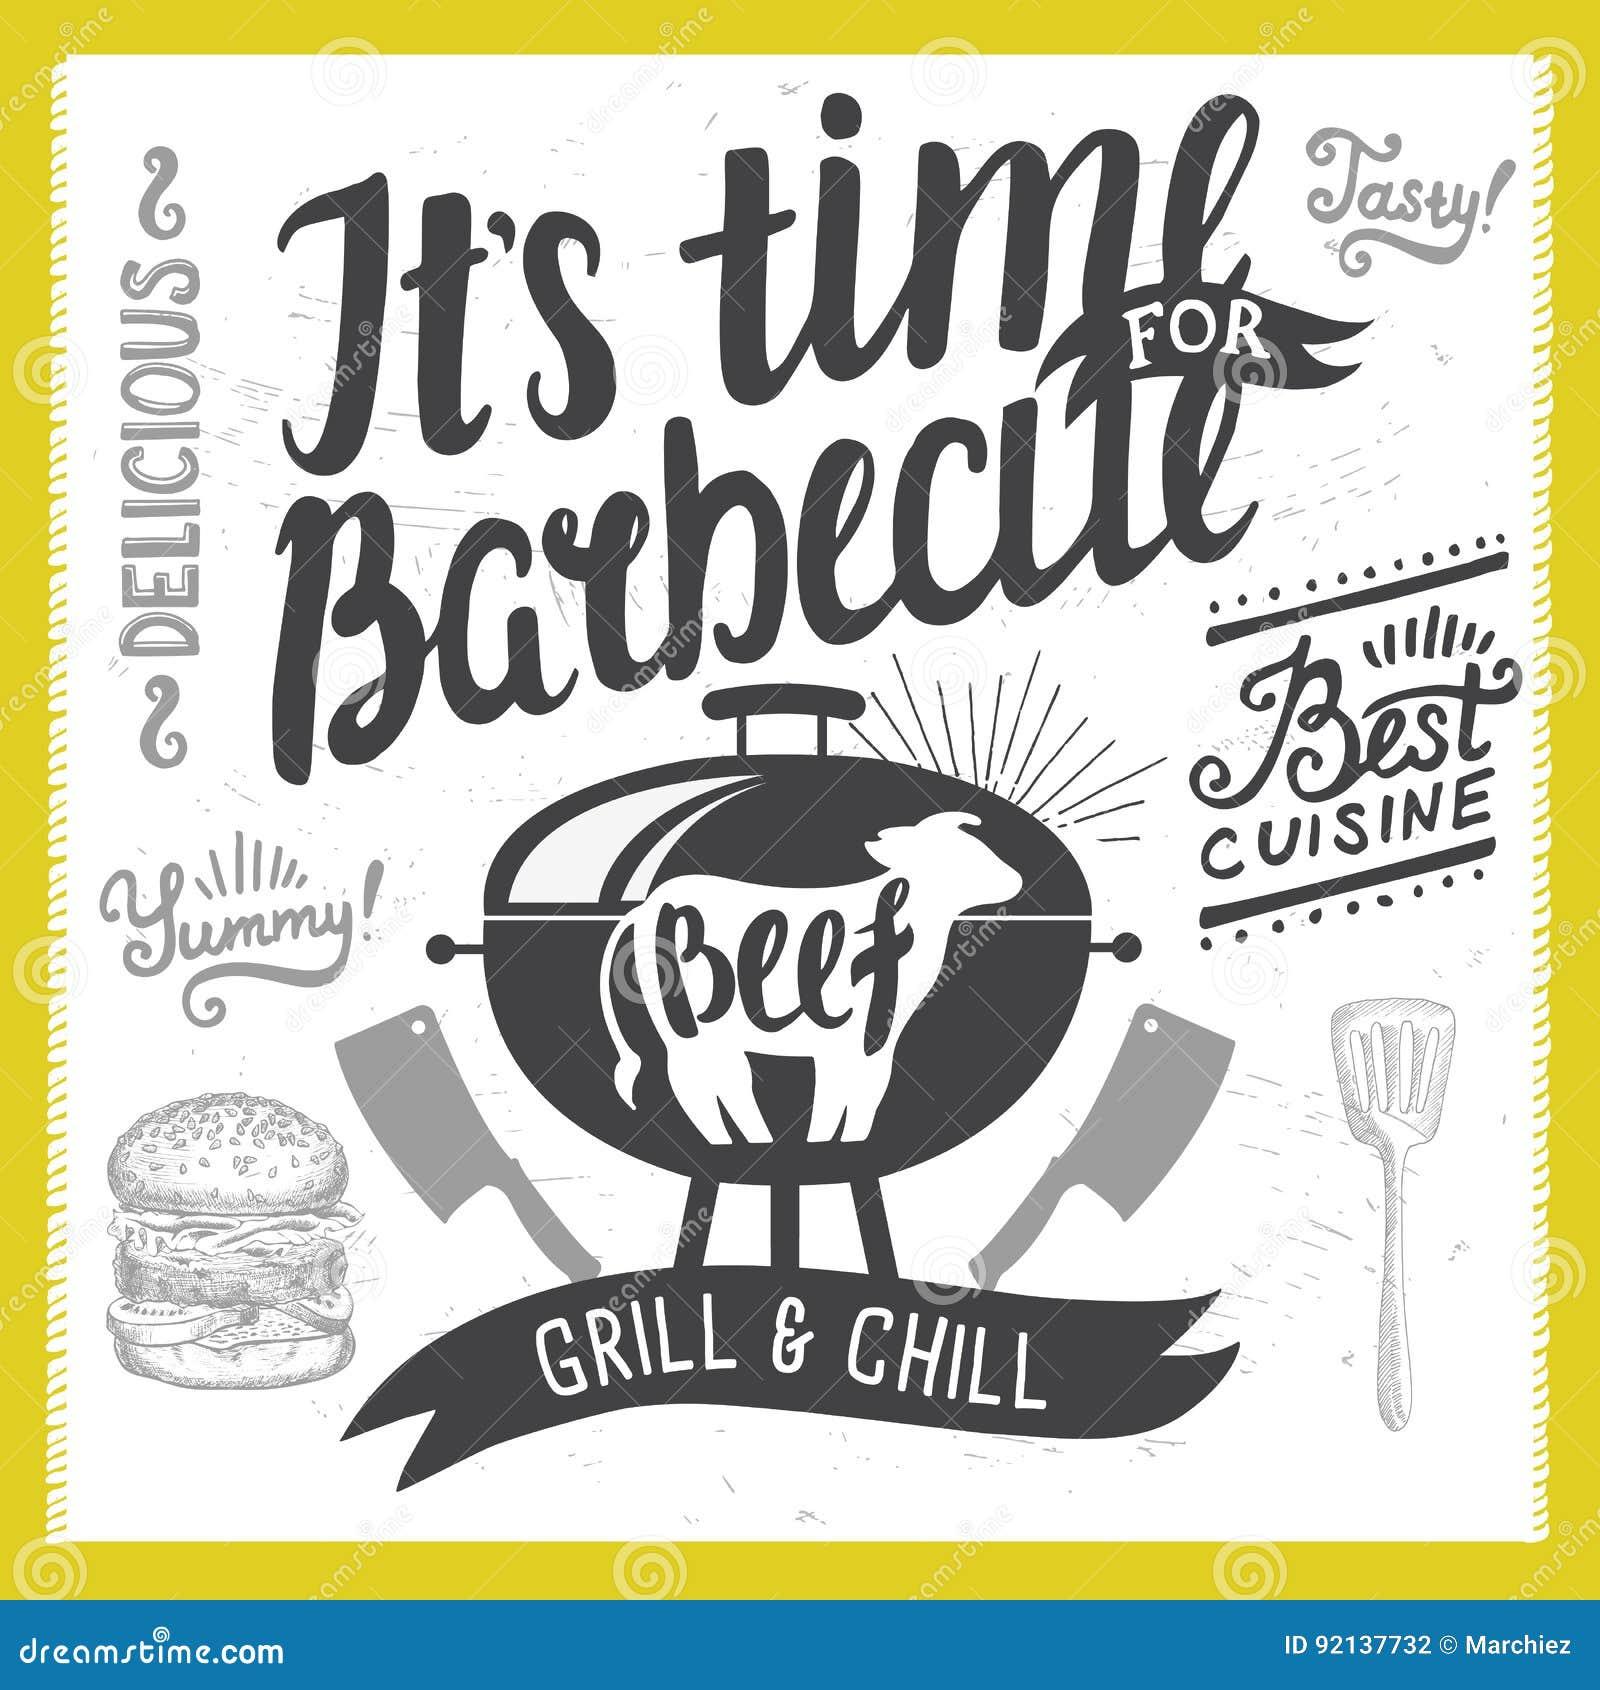 Barbecue Party Invitation Stock Vector Illustration Of Invite